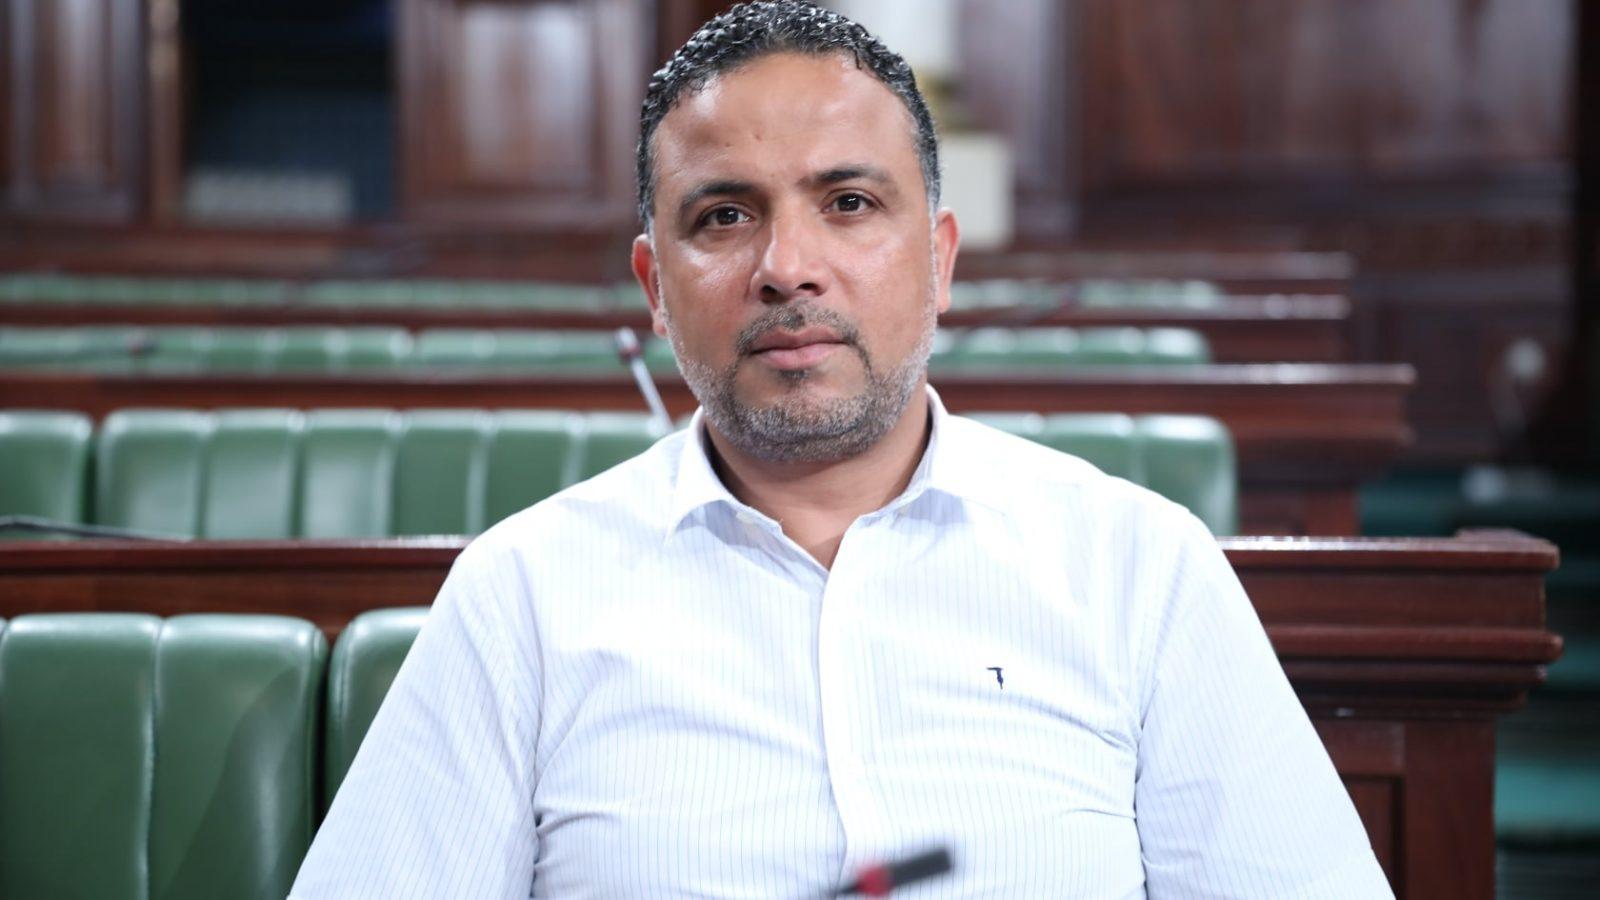 سيف الدين مخلوف يحذر التونسيين من هذا الأمر(صورة)